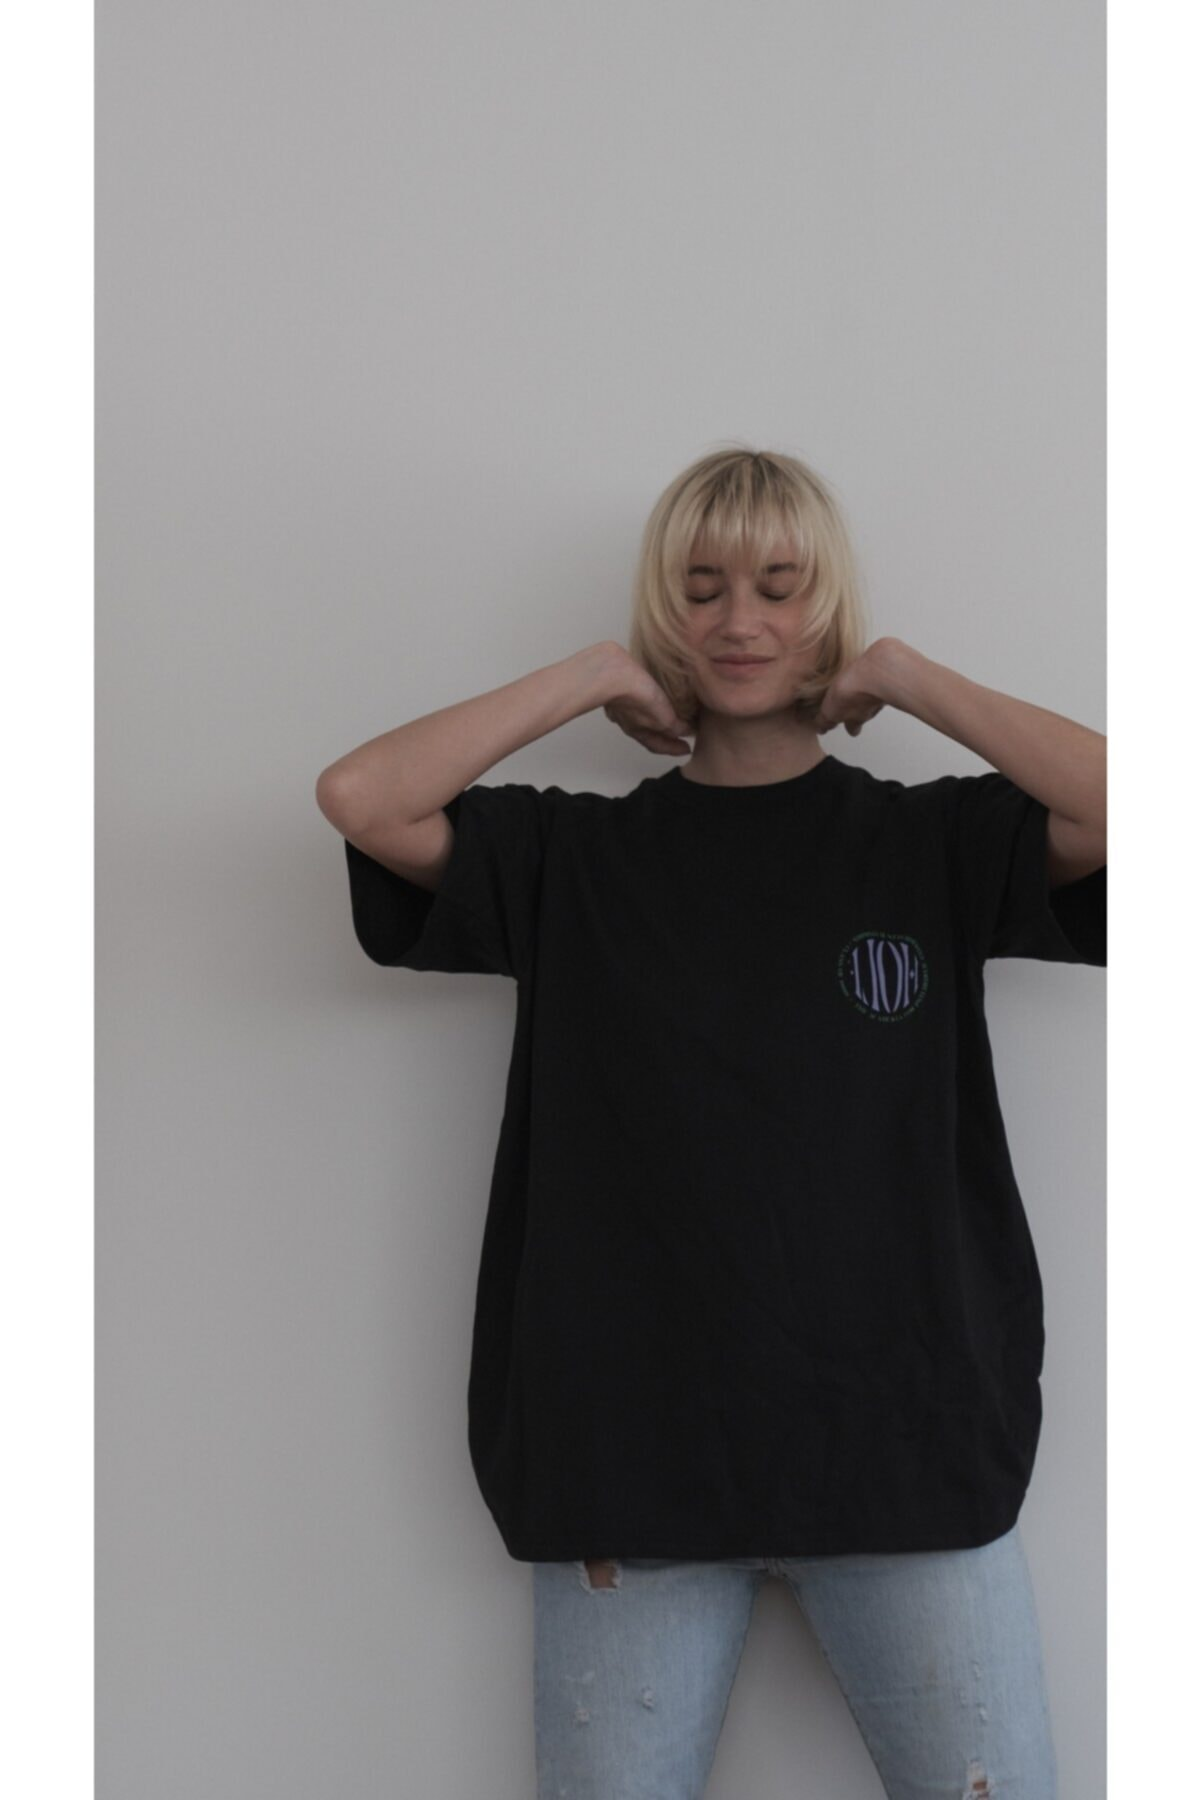 HOLEACADEMIE Unisex Oversize Tshirt 2